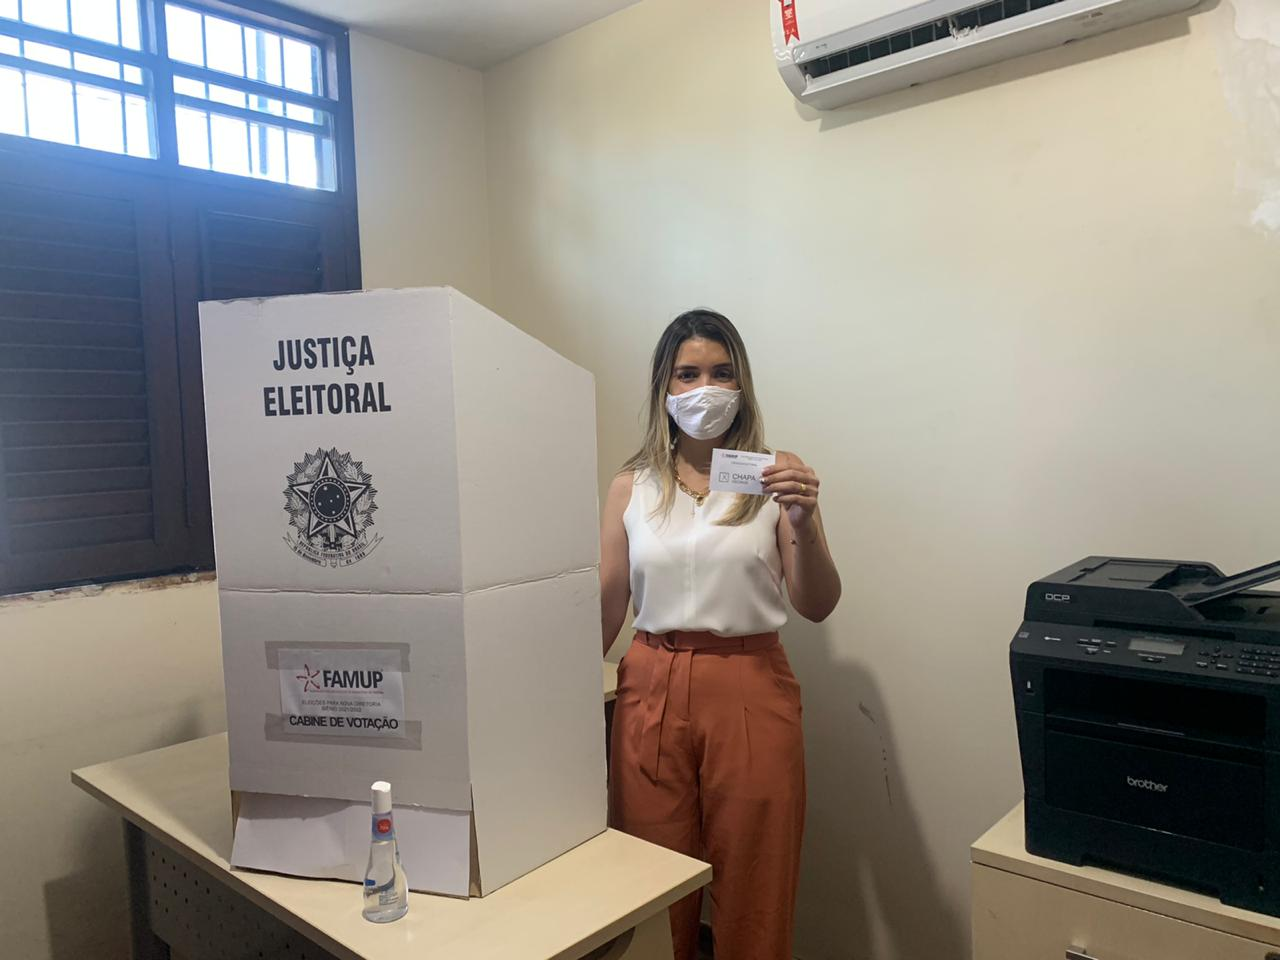 Lorena-vota_elita-FAMUP Após vencer eleições em Monteiro, Lorena é eleita uma das vice-presidentes da FAMUP